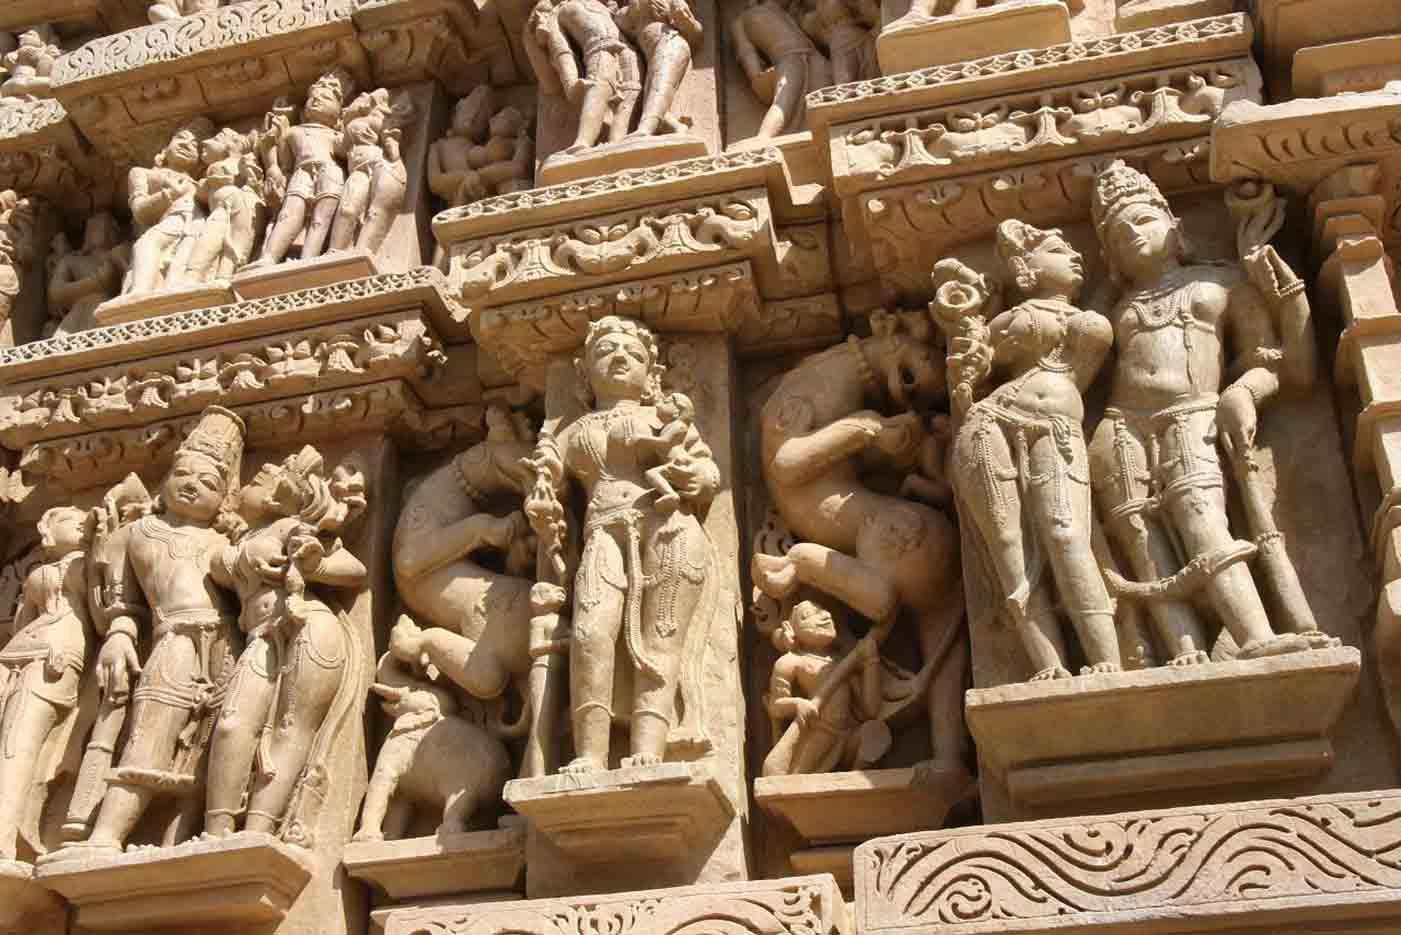 Храмы Кхаджурахо, Khajuraho Temples - 26